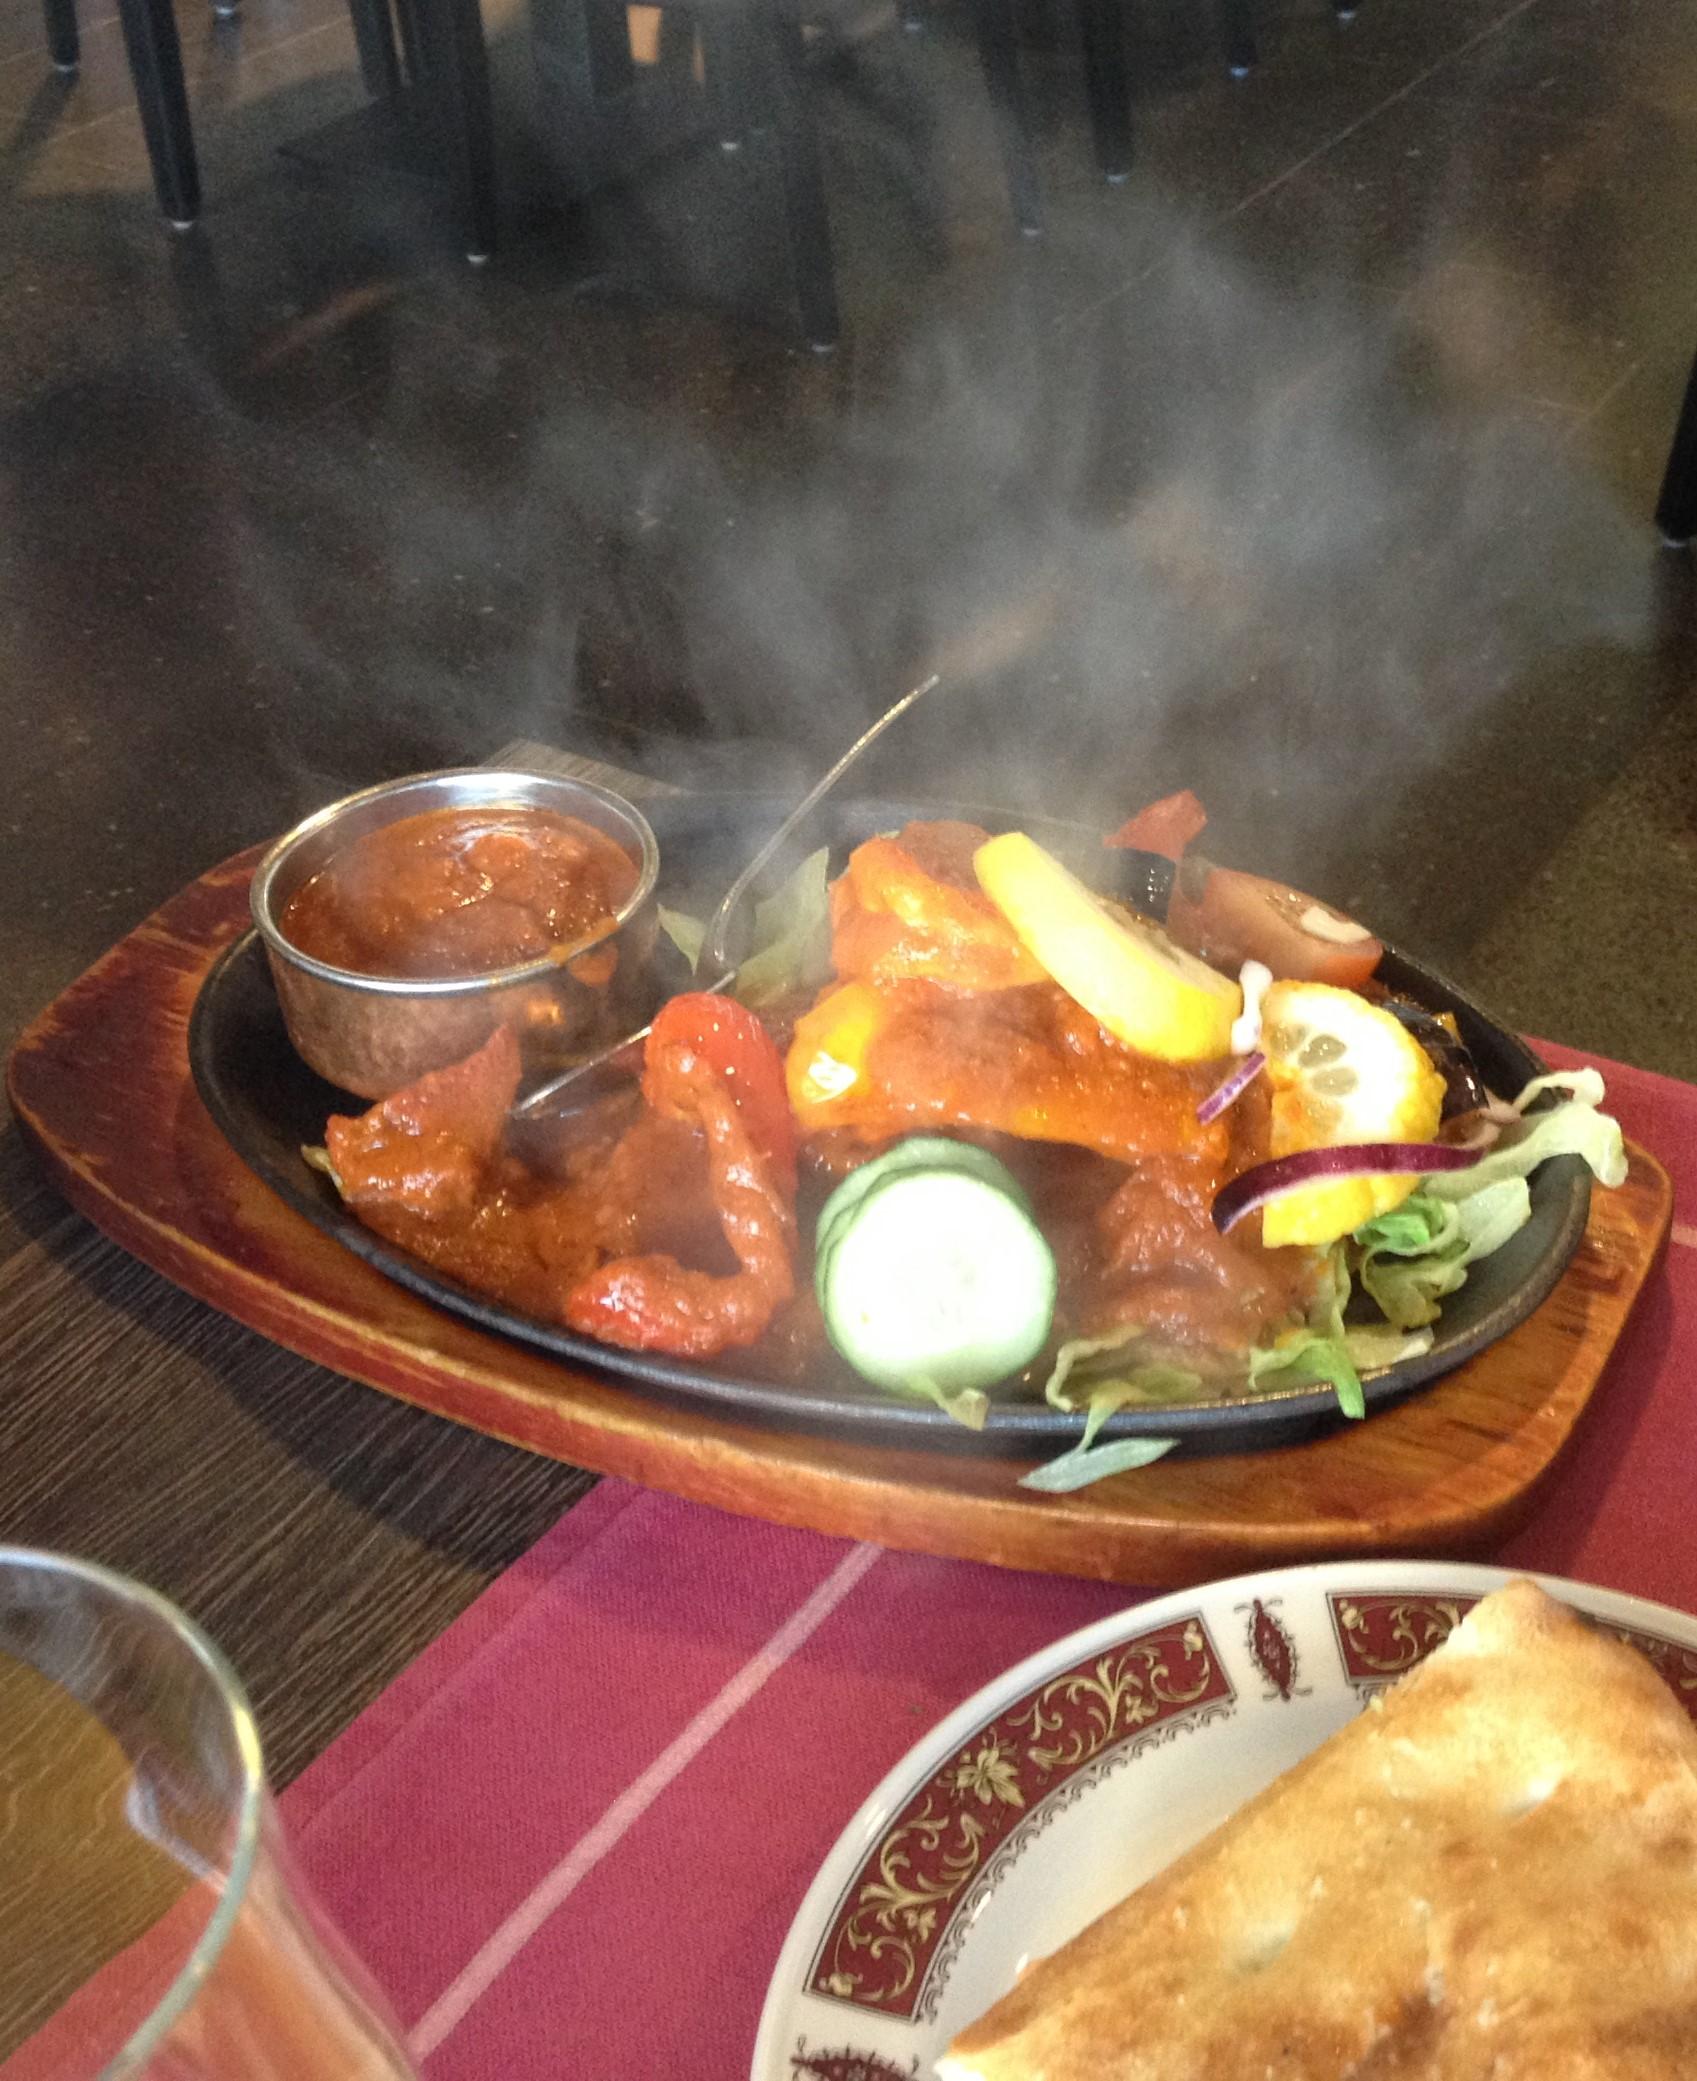 Ravintola Shalimar, Jyväskylä: Shalimar Special tuodaan pöytään kuumassa pannussa